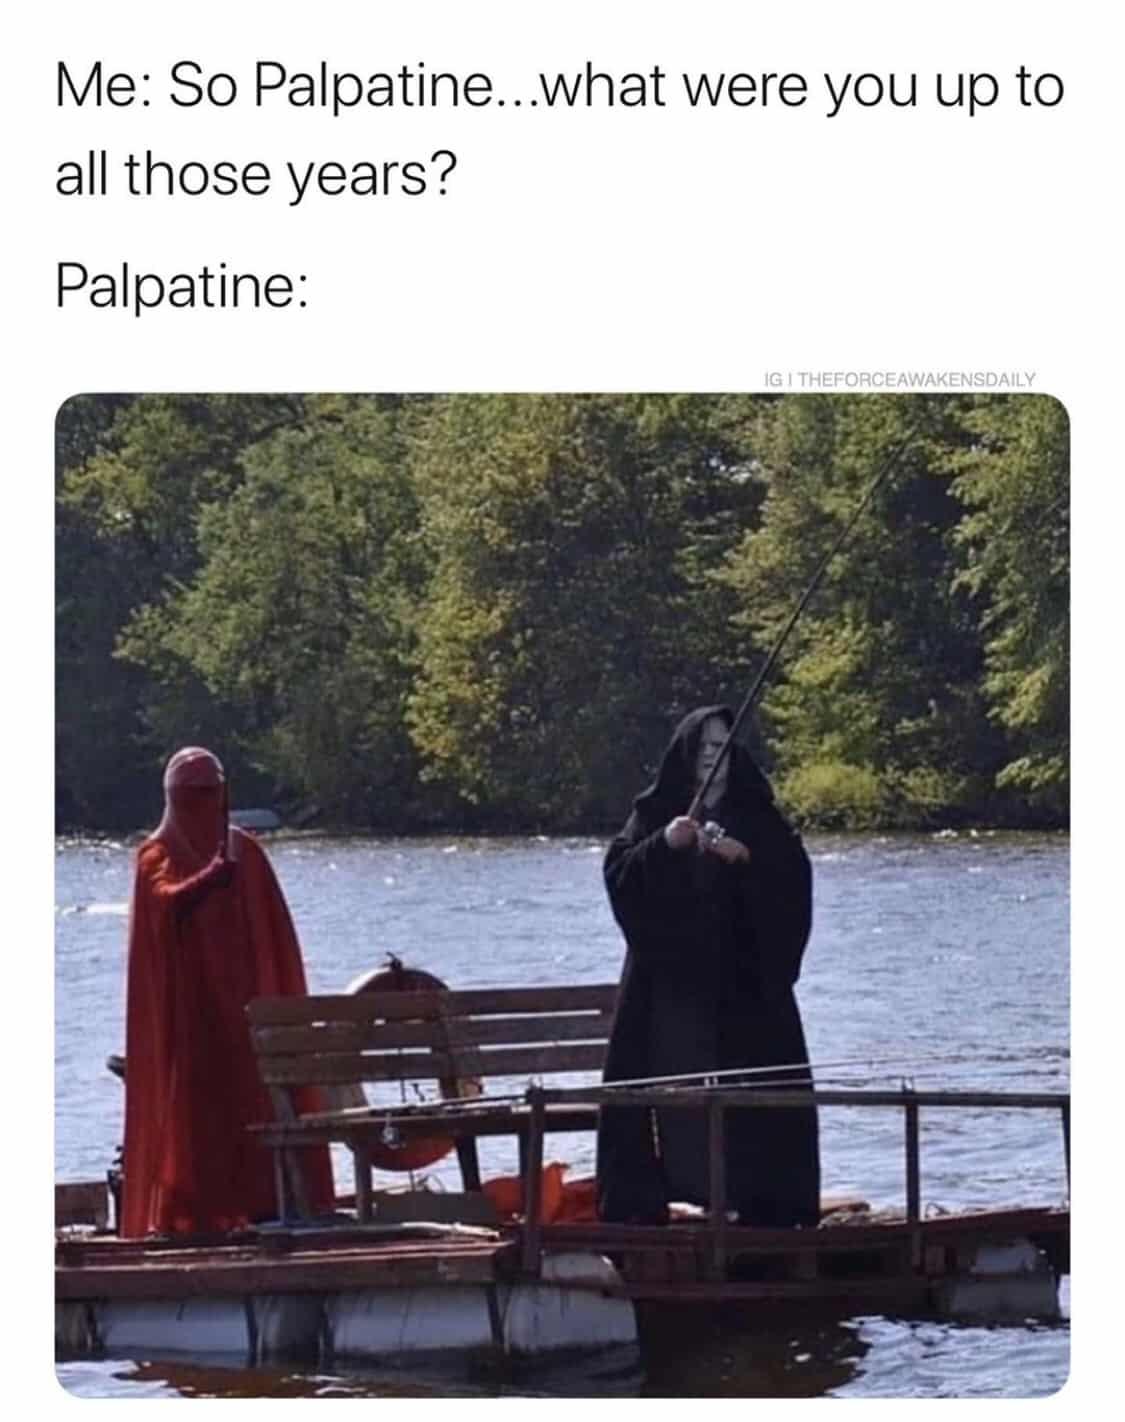 palpatine meme, emperor palpatine meme, star wars meme, sith meme